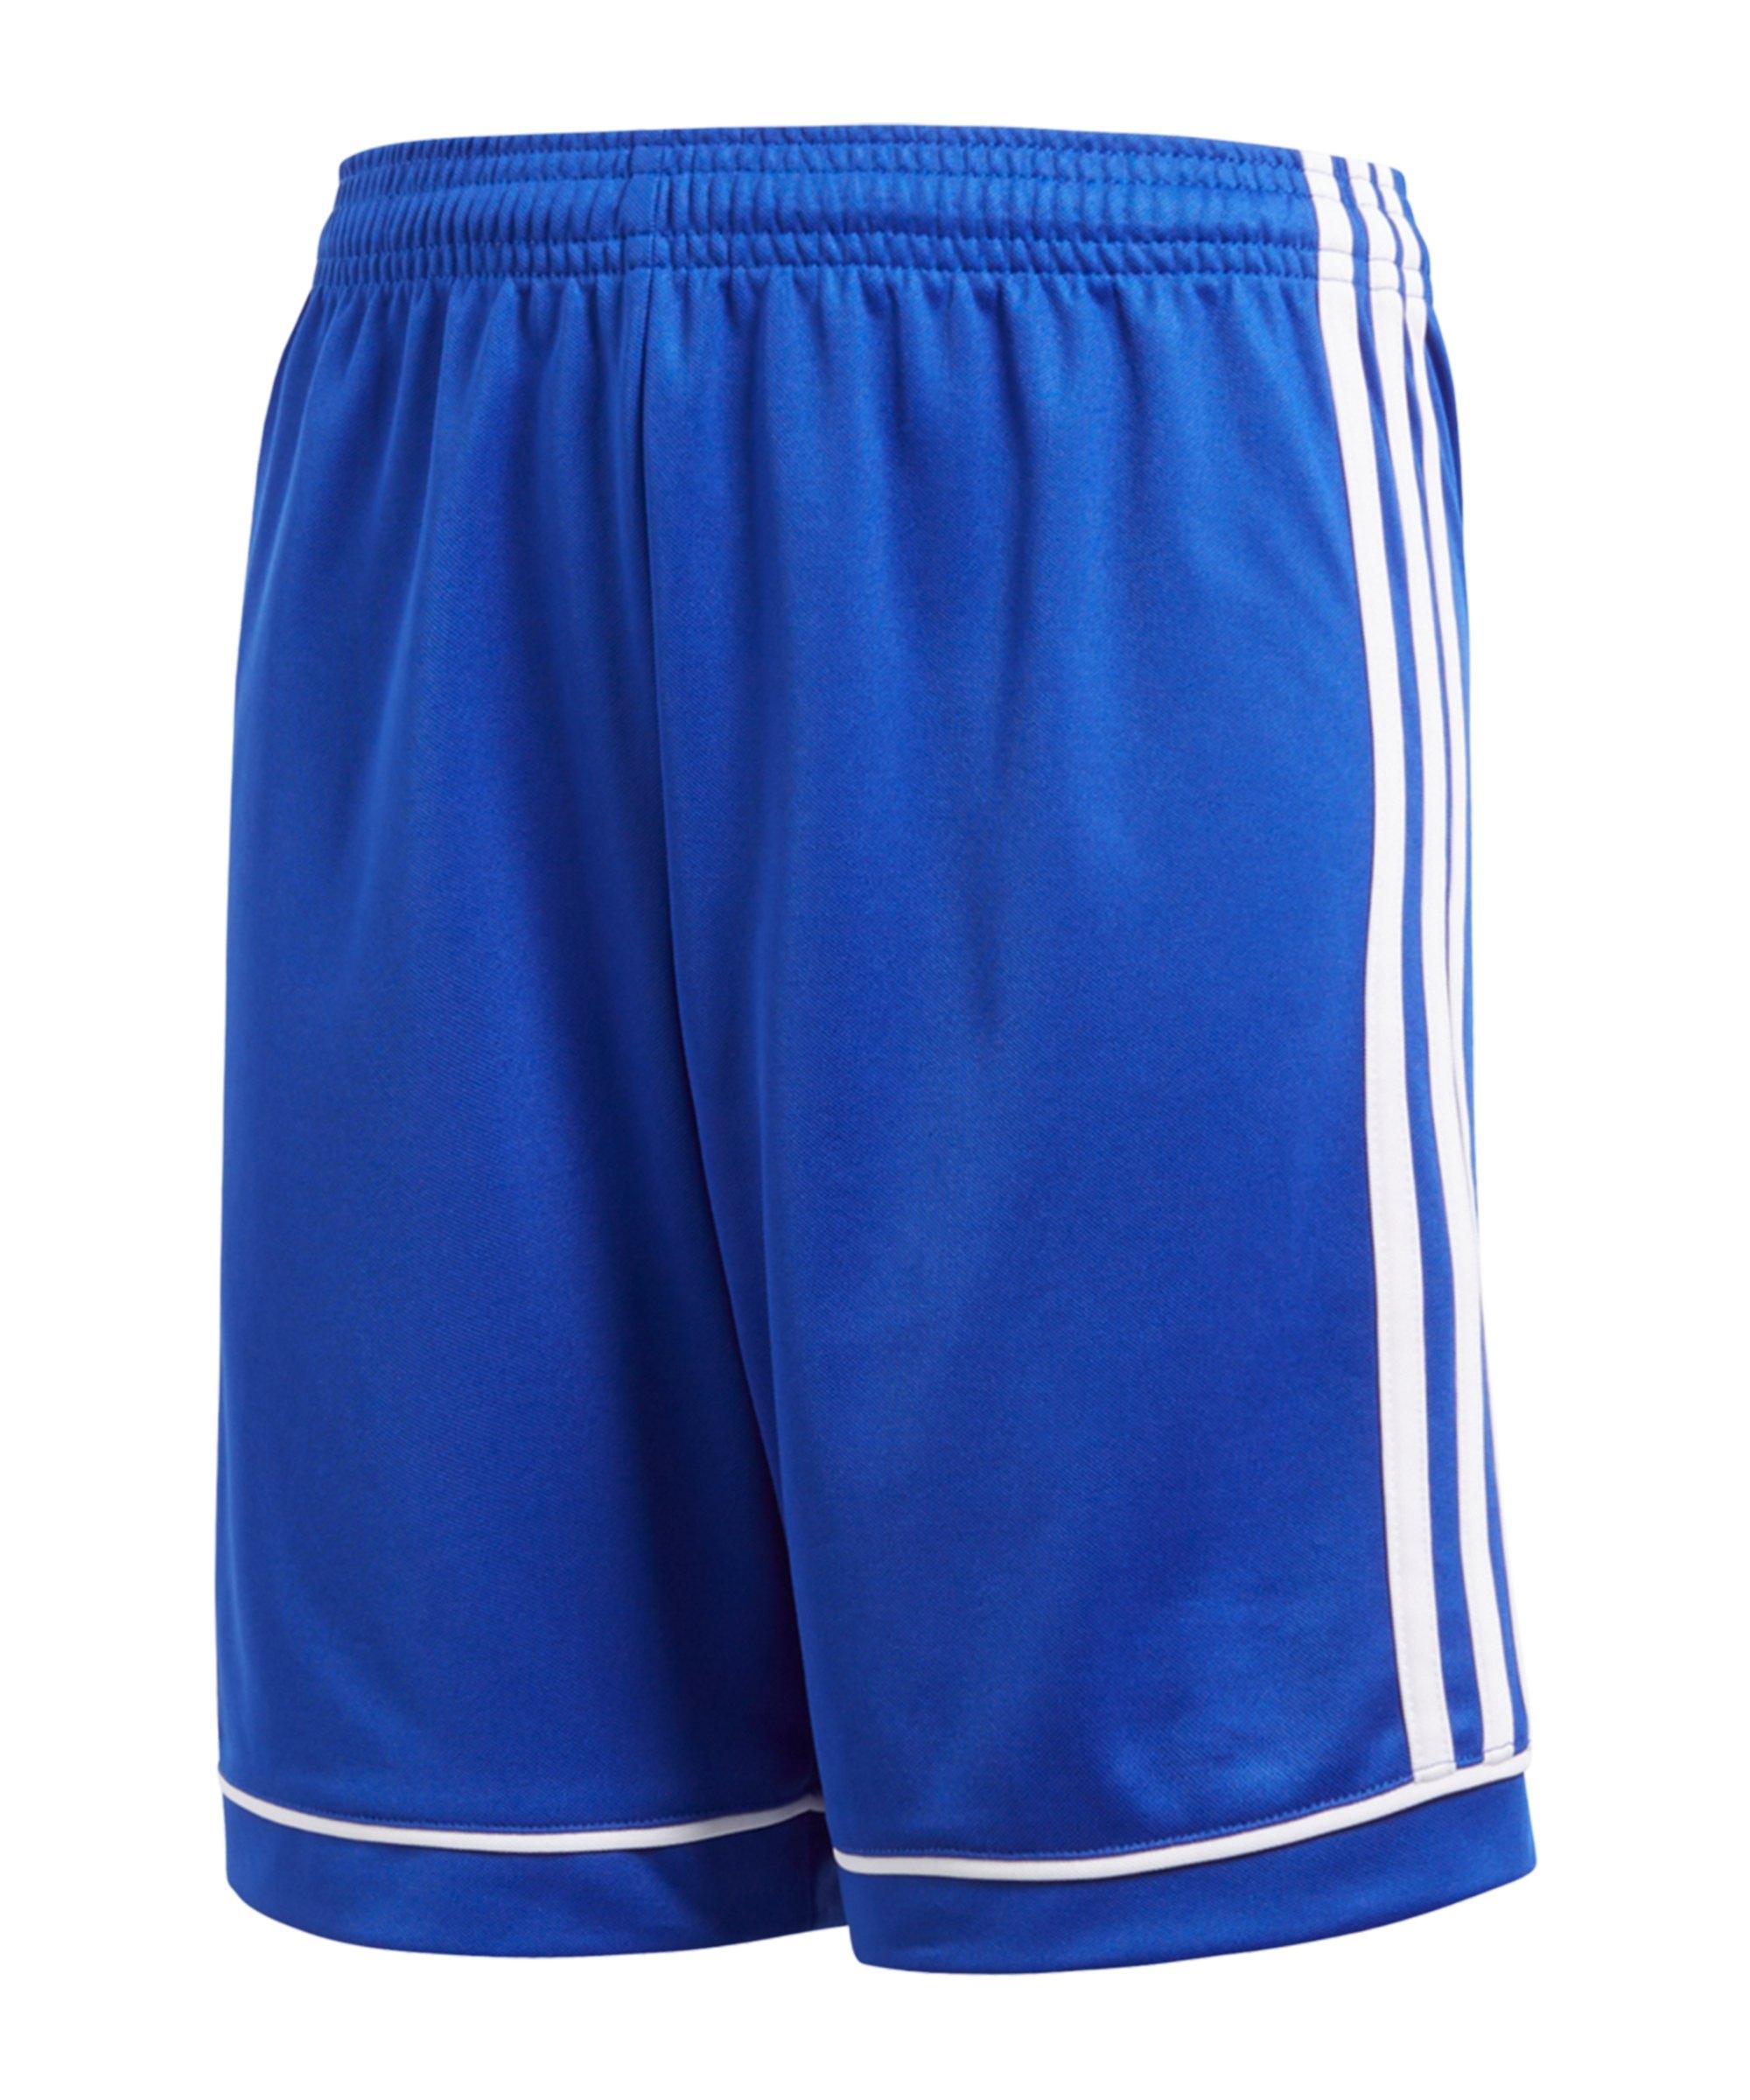 adidas Squadra 17 Short Kids Blau Weiss - blau